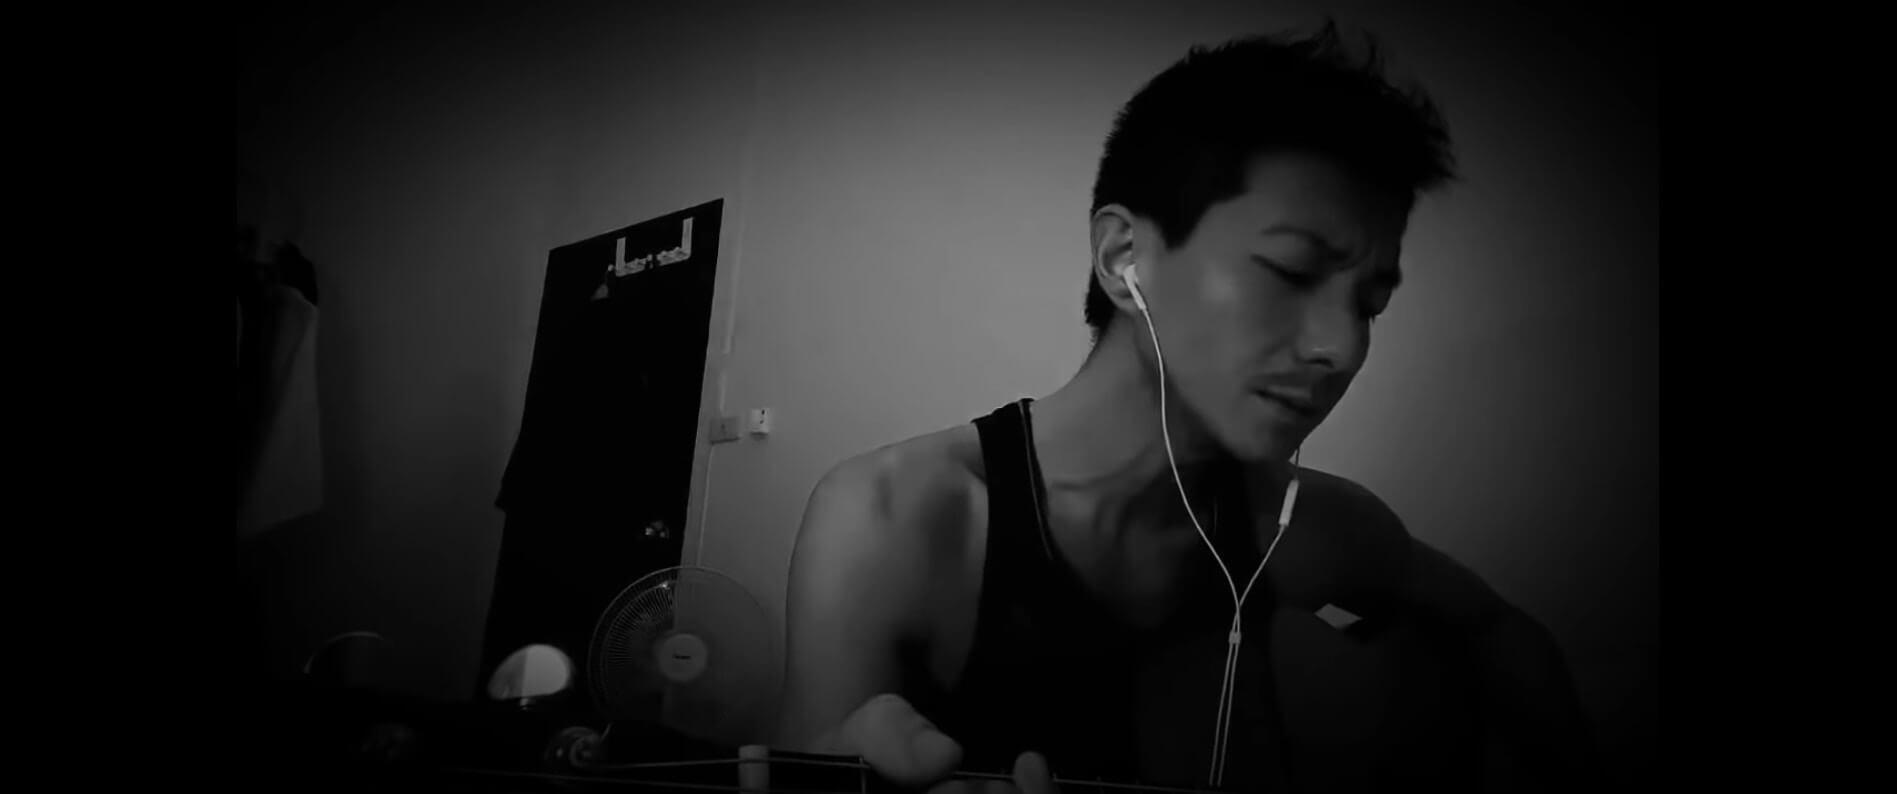 神隱了五個多月,周國賢終於在其YouTube平台「現身」,上載自彈自唱日文歌的黑白片段。